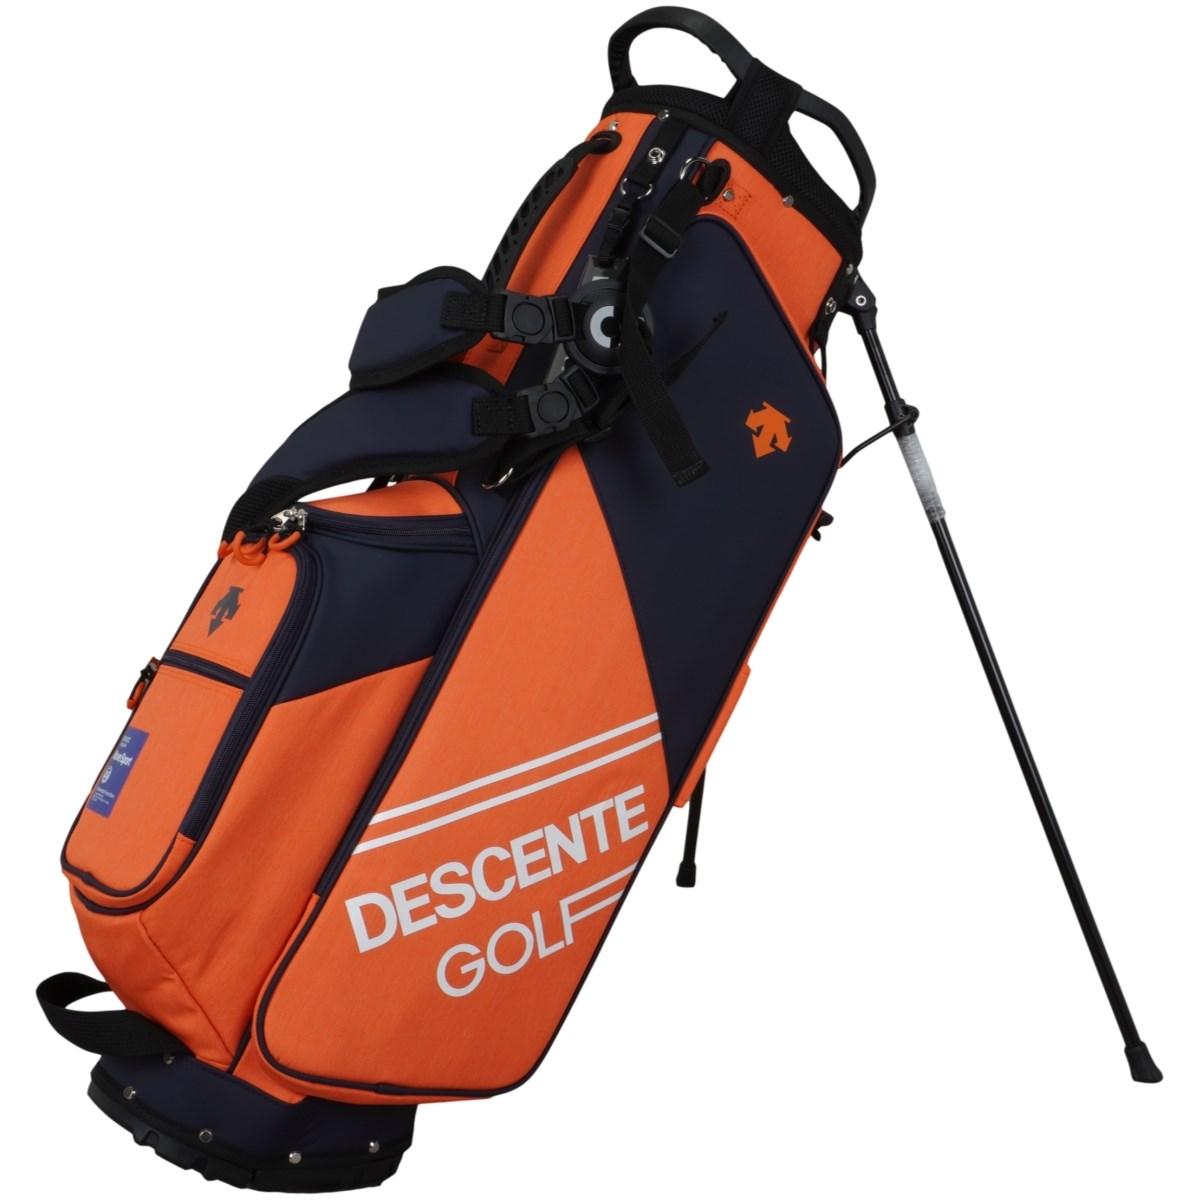 デサントゴルフ DESCENTE GOLF スタンドキャディバッグ オレンジ 00